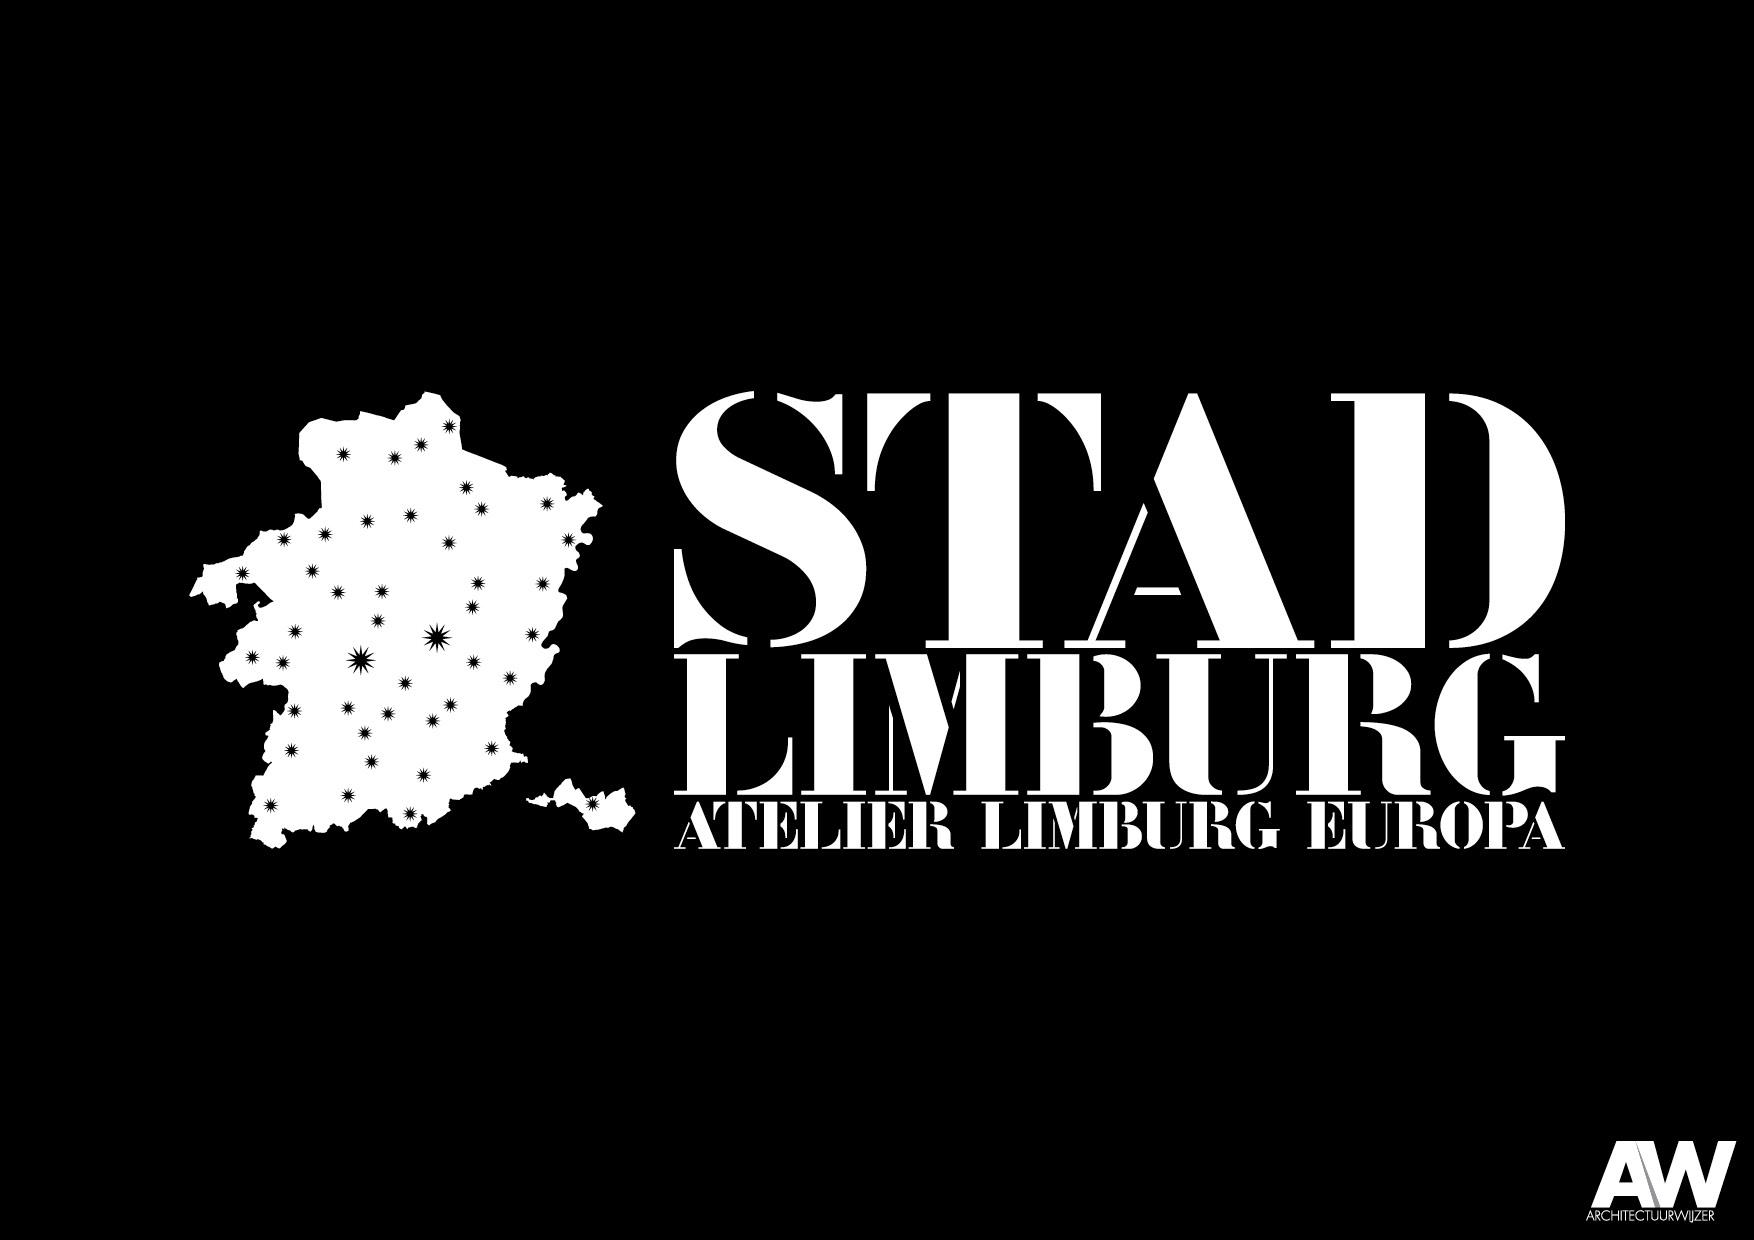 Atelier Limburg Europa